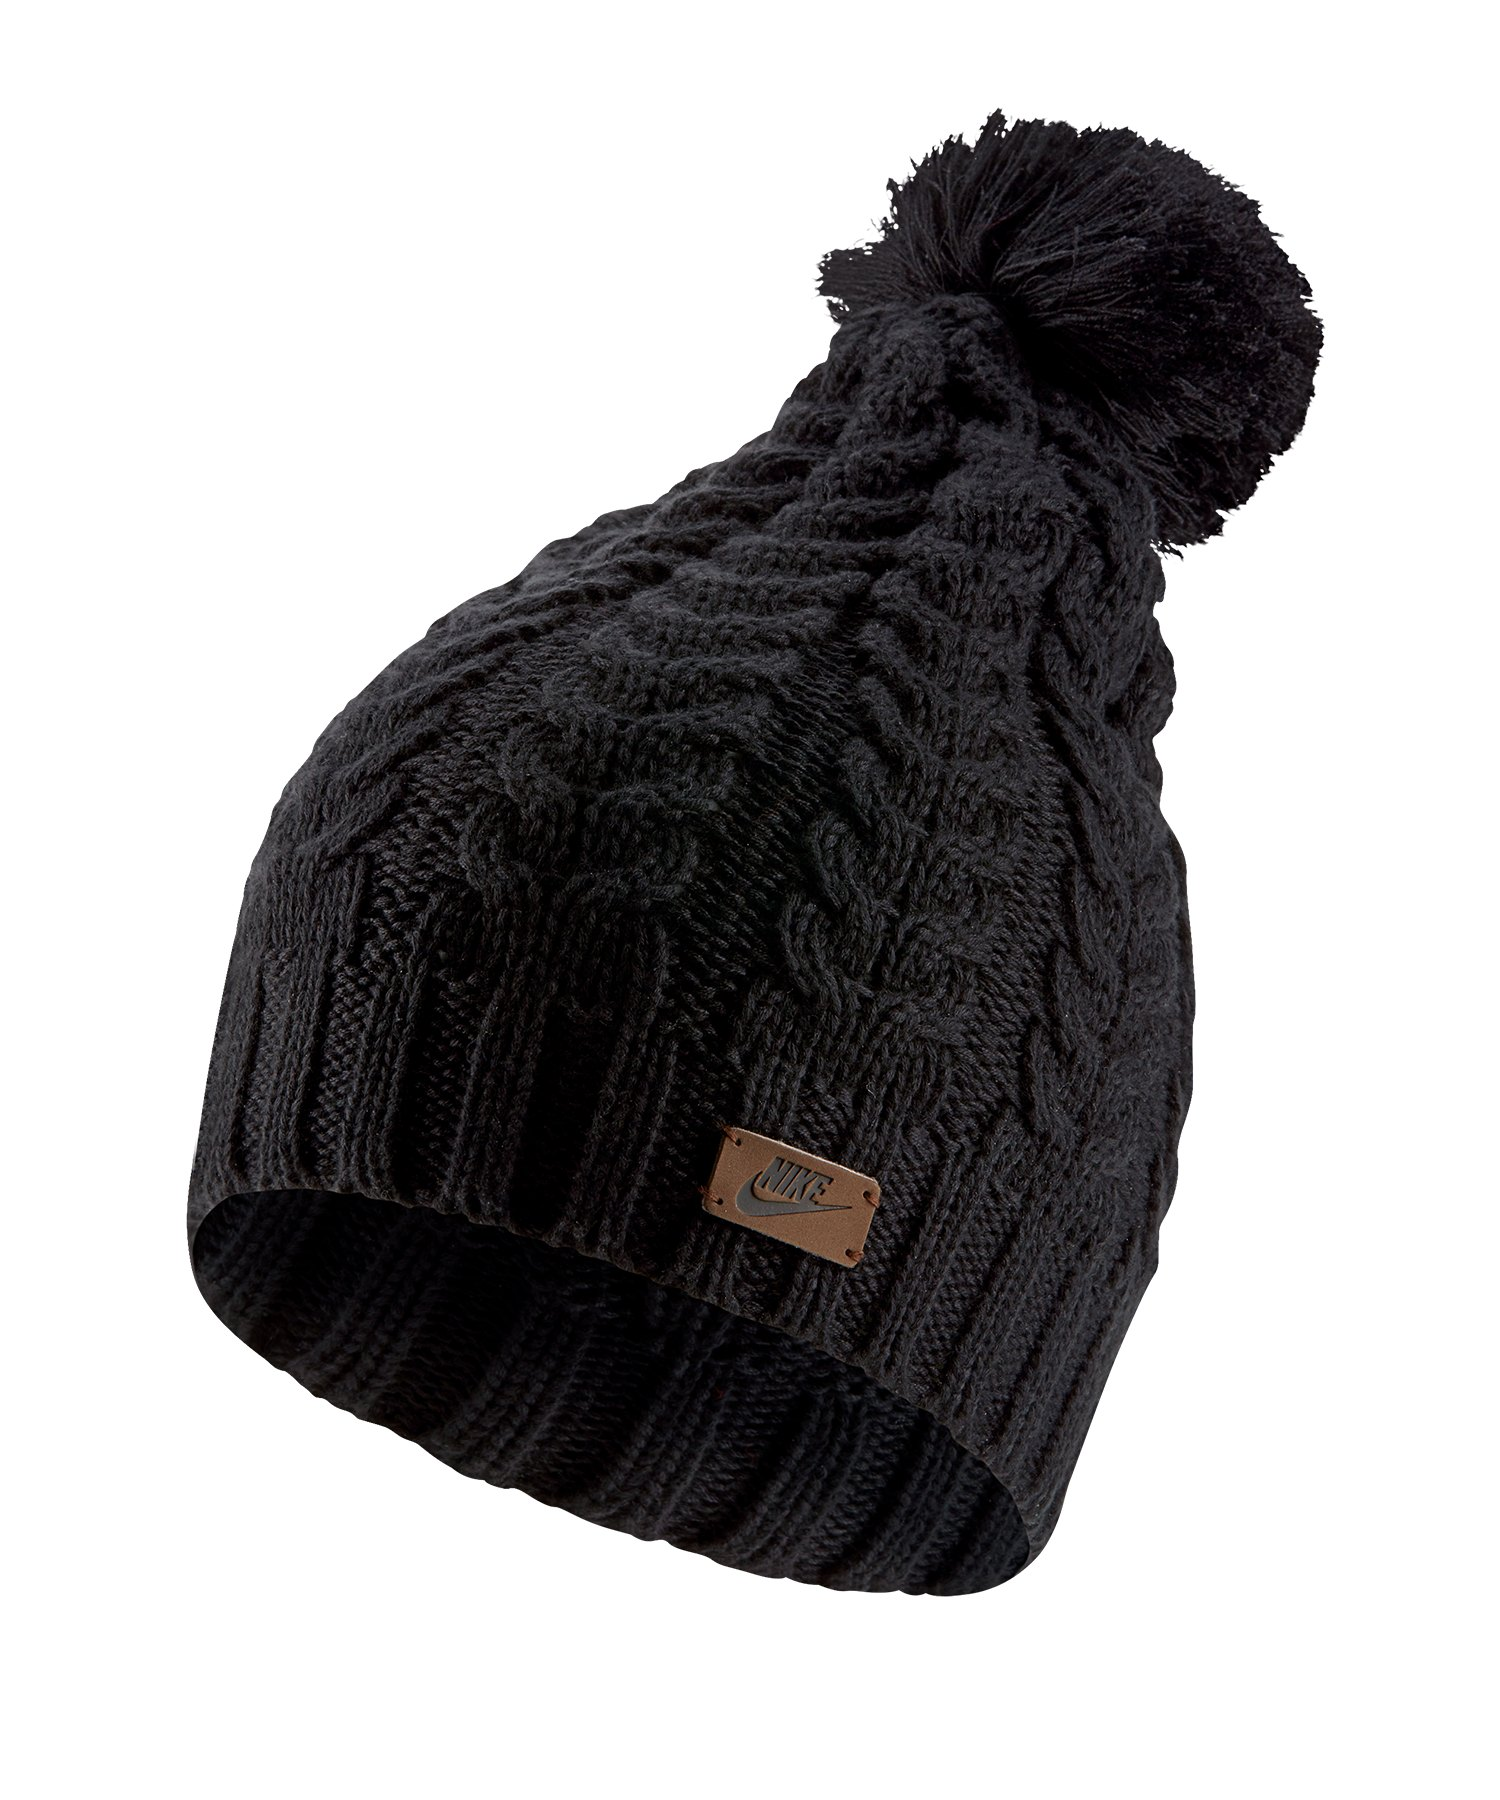 Nike Knit Beanie Mütze Damen Schwarz F010 - schwarz